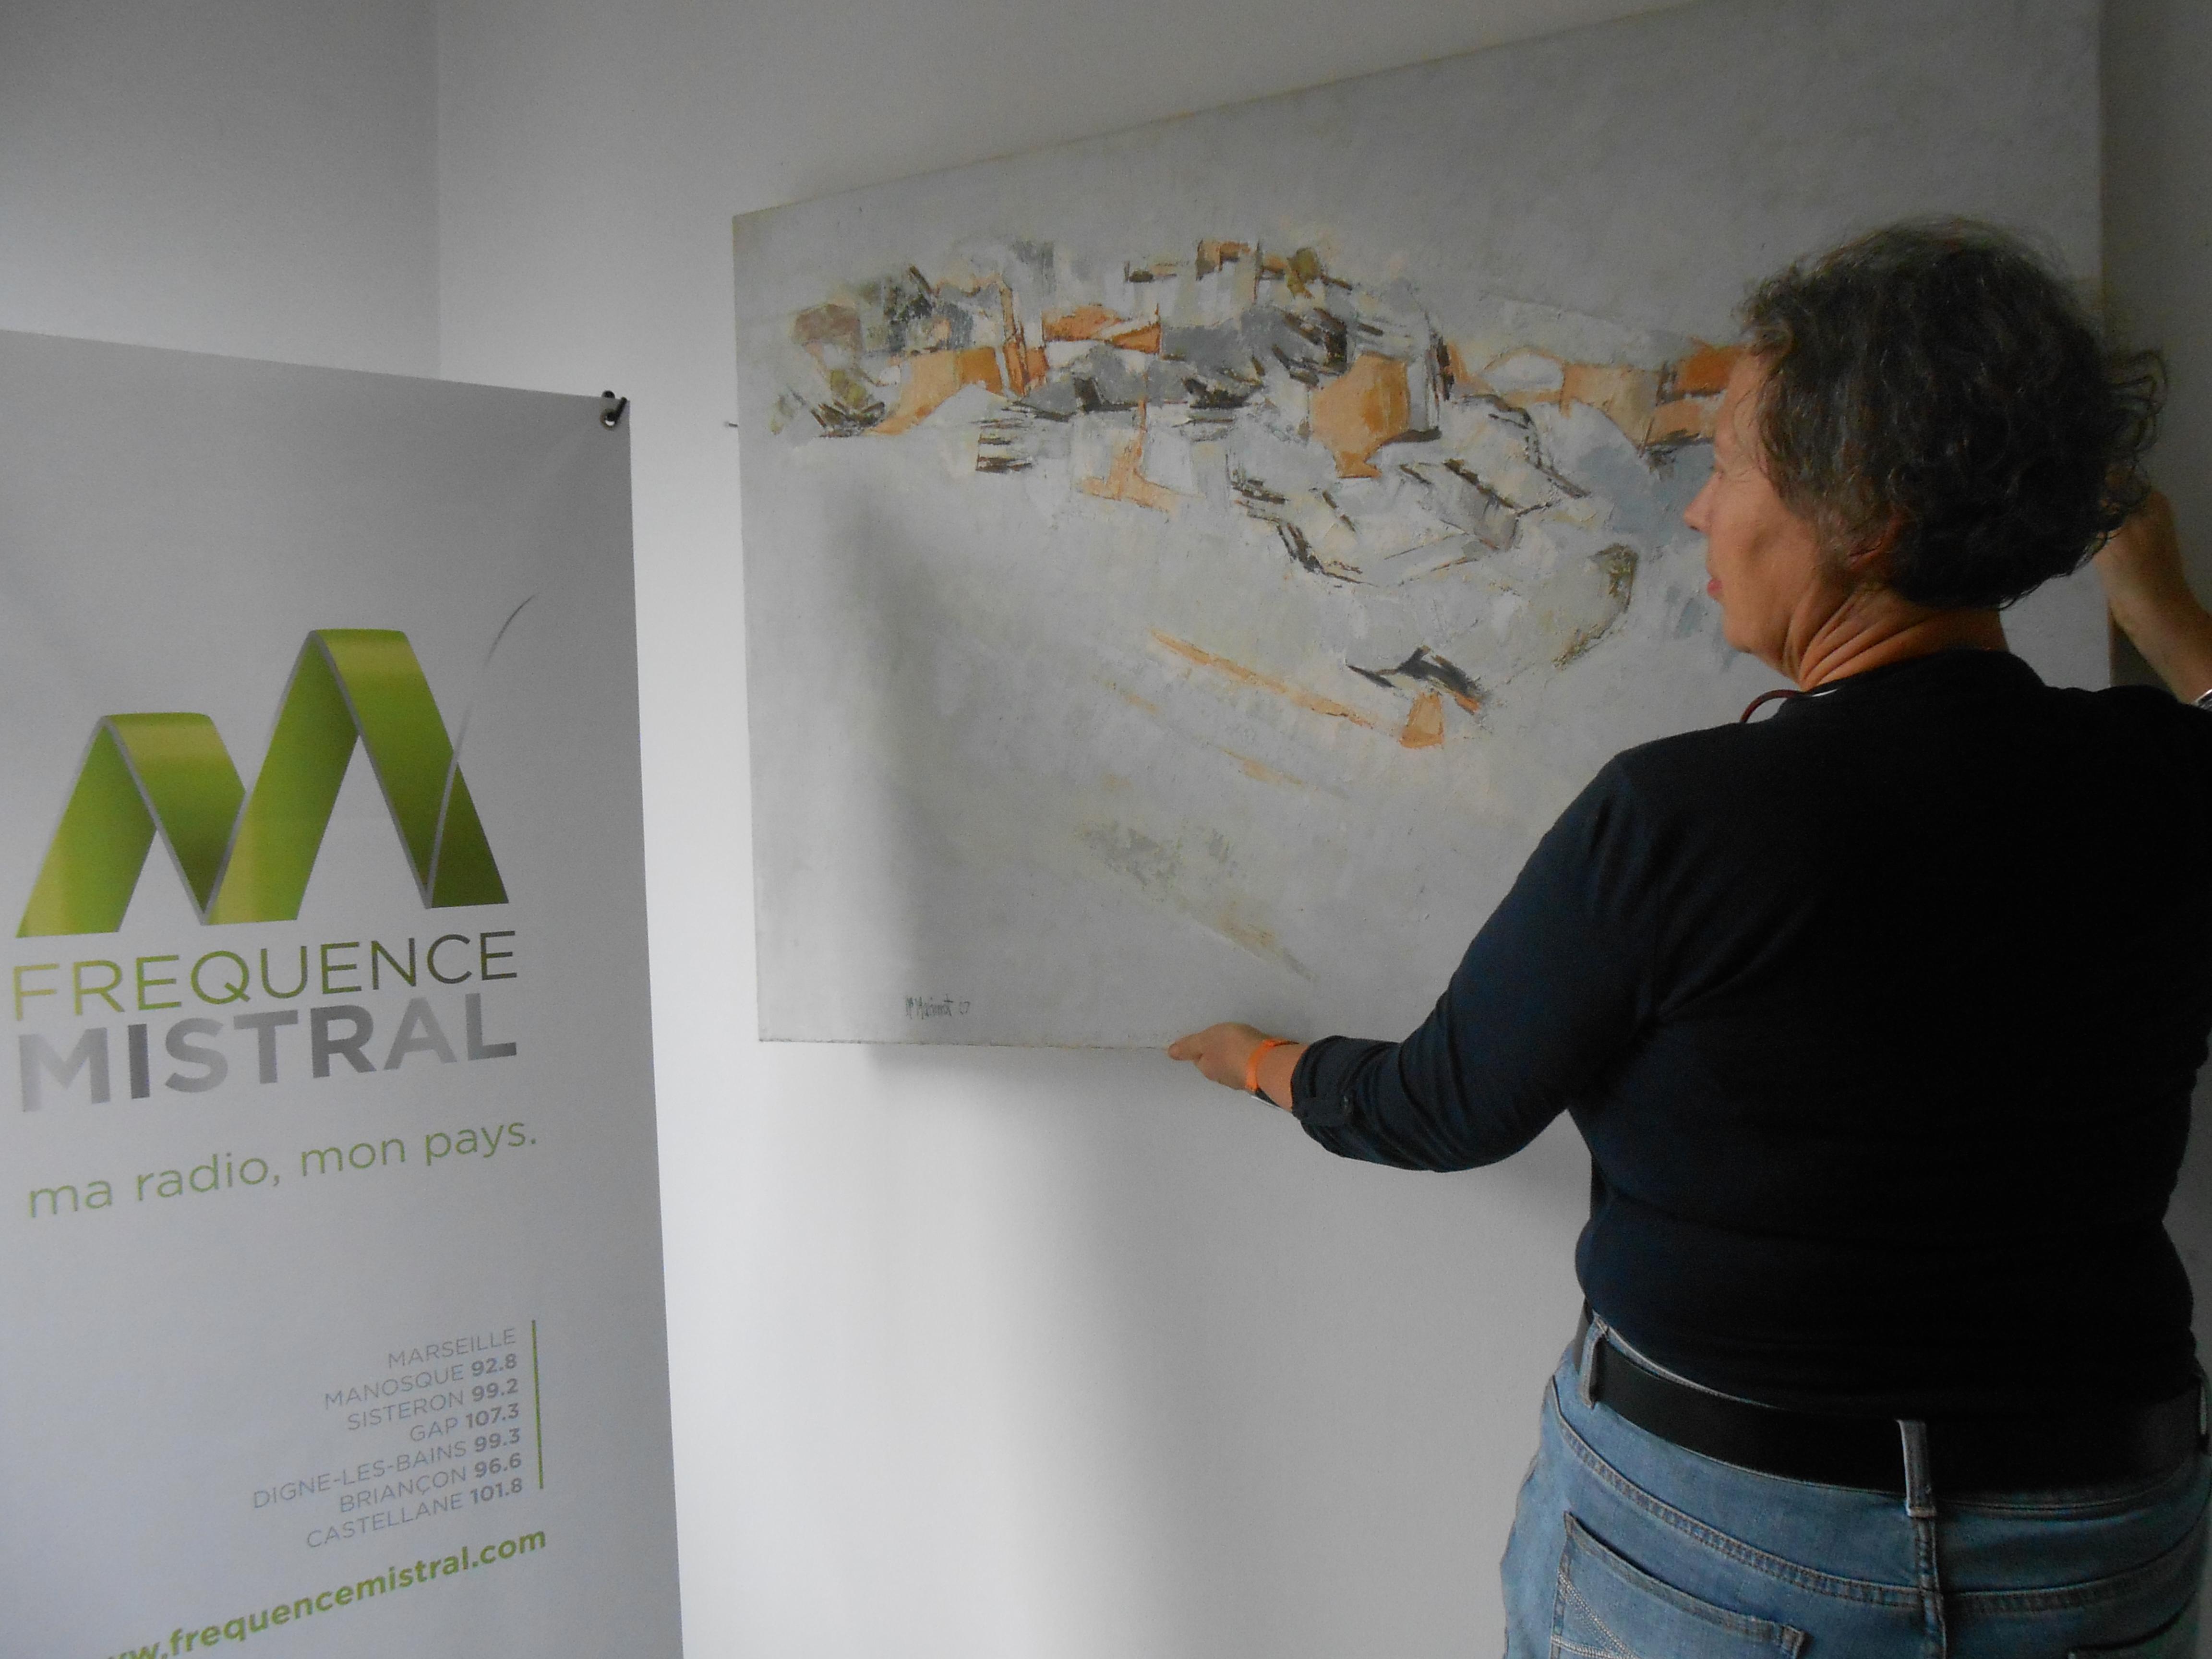 L'Artothèque de Volx ou l'art de partager l'art